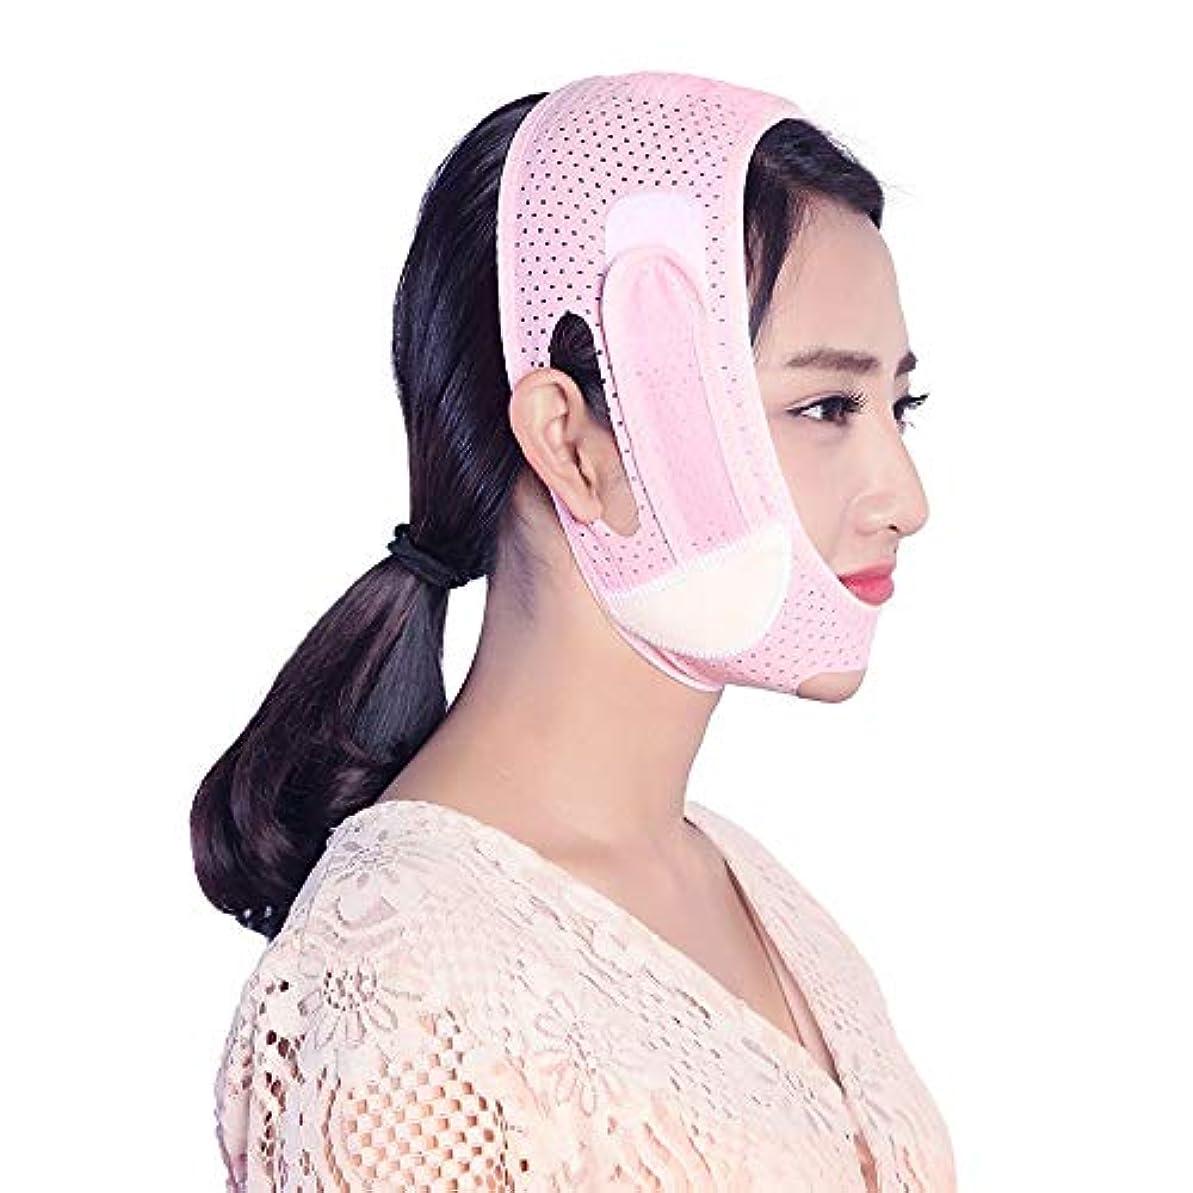 脅かす花弁心理的にMinmin 睡眠薄い顔パッチ包帯吊り上げプルv顔引き締めどころアーティファクト判決パターン二重あご薄いマッセルマスク - ピンク みんみんVラインフェイスマスク